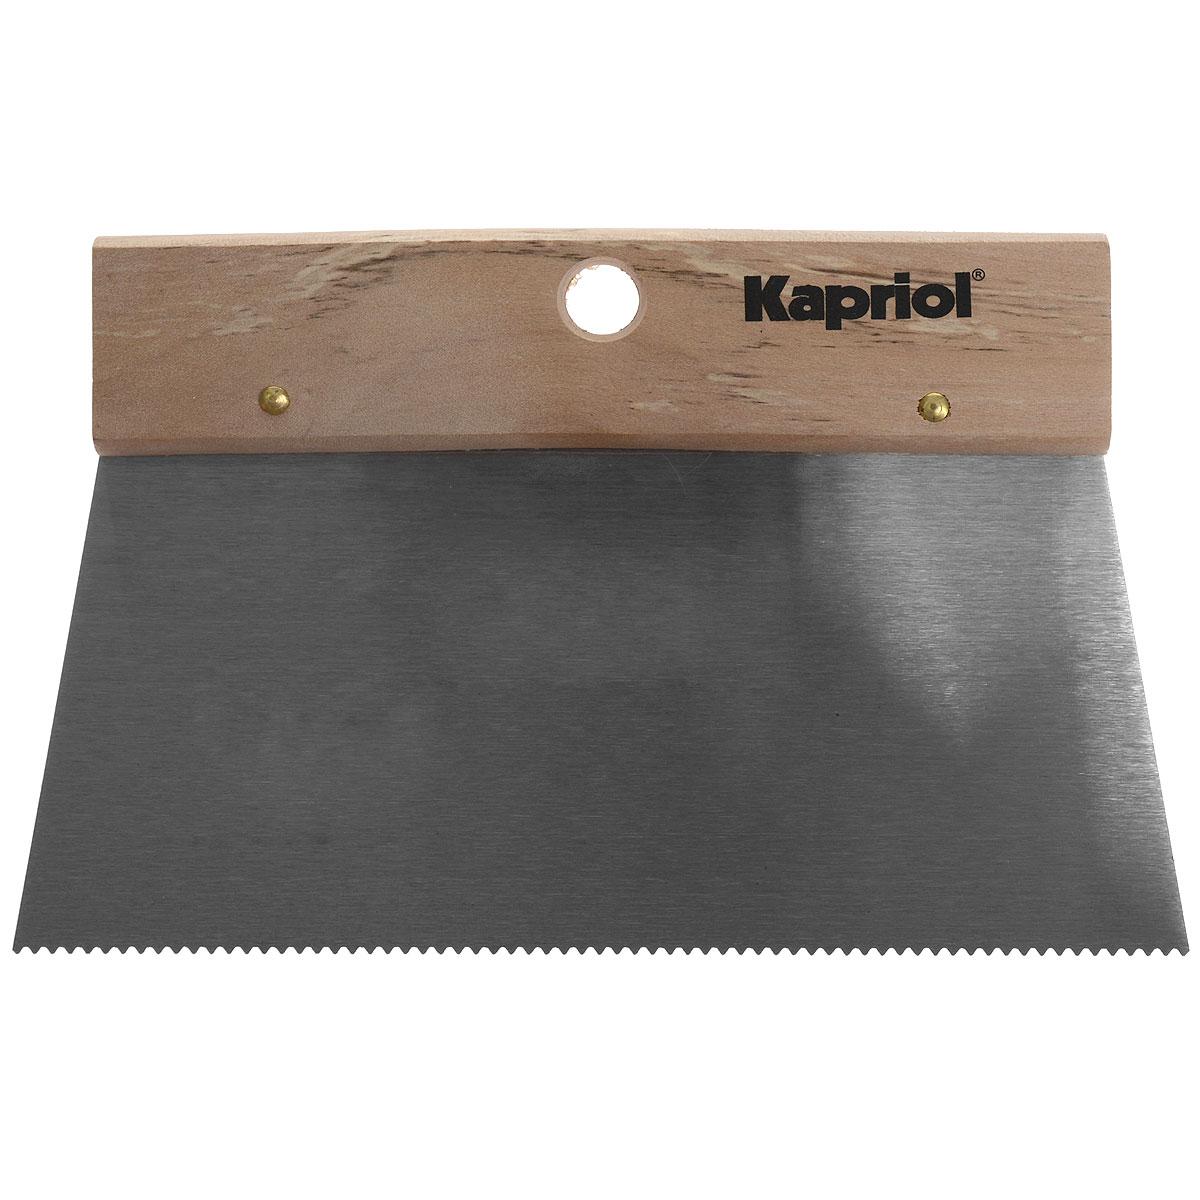 Шпатель зубчатый для клея Kapriol, с деревянной ручкой, зуб 3 х 1,6 мм, 20 см23192Шпатель зубчатый для клея Kaprio предназначен для равномерного распределения клея на плитку, линолеум, ковролин. Полотно изготовлено из закаленной стали. Ручка из дерева.